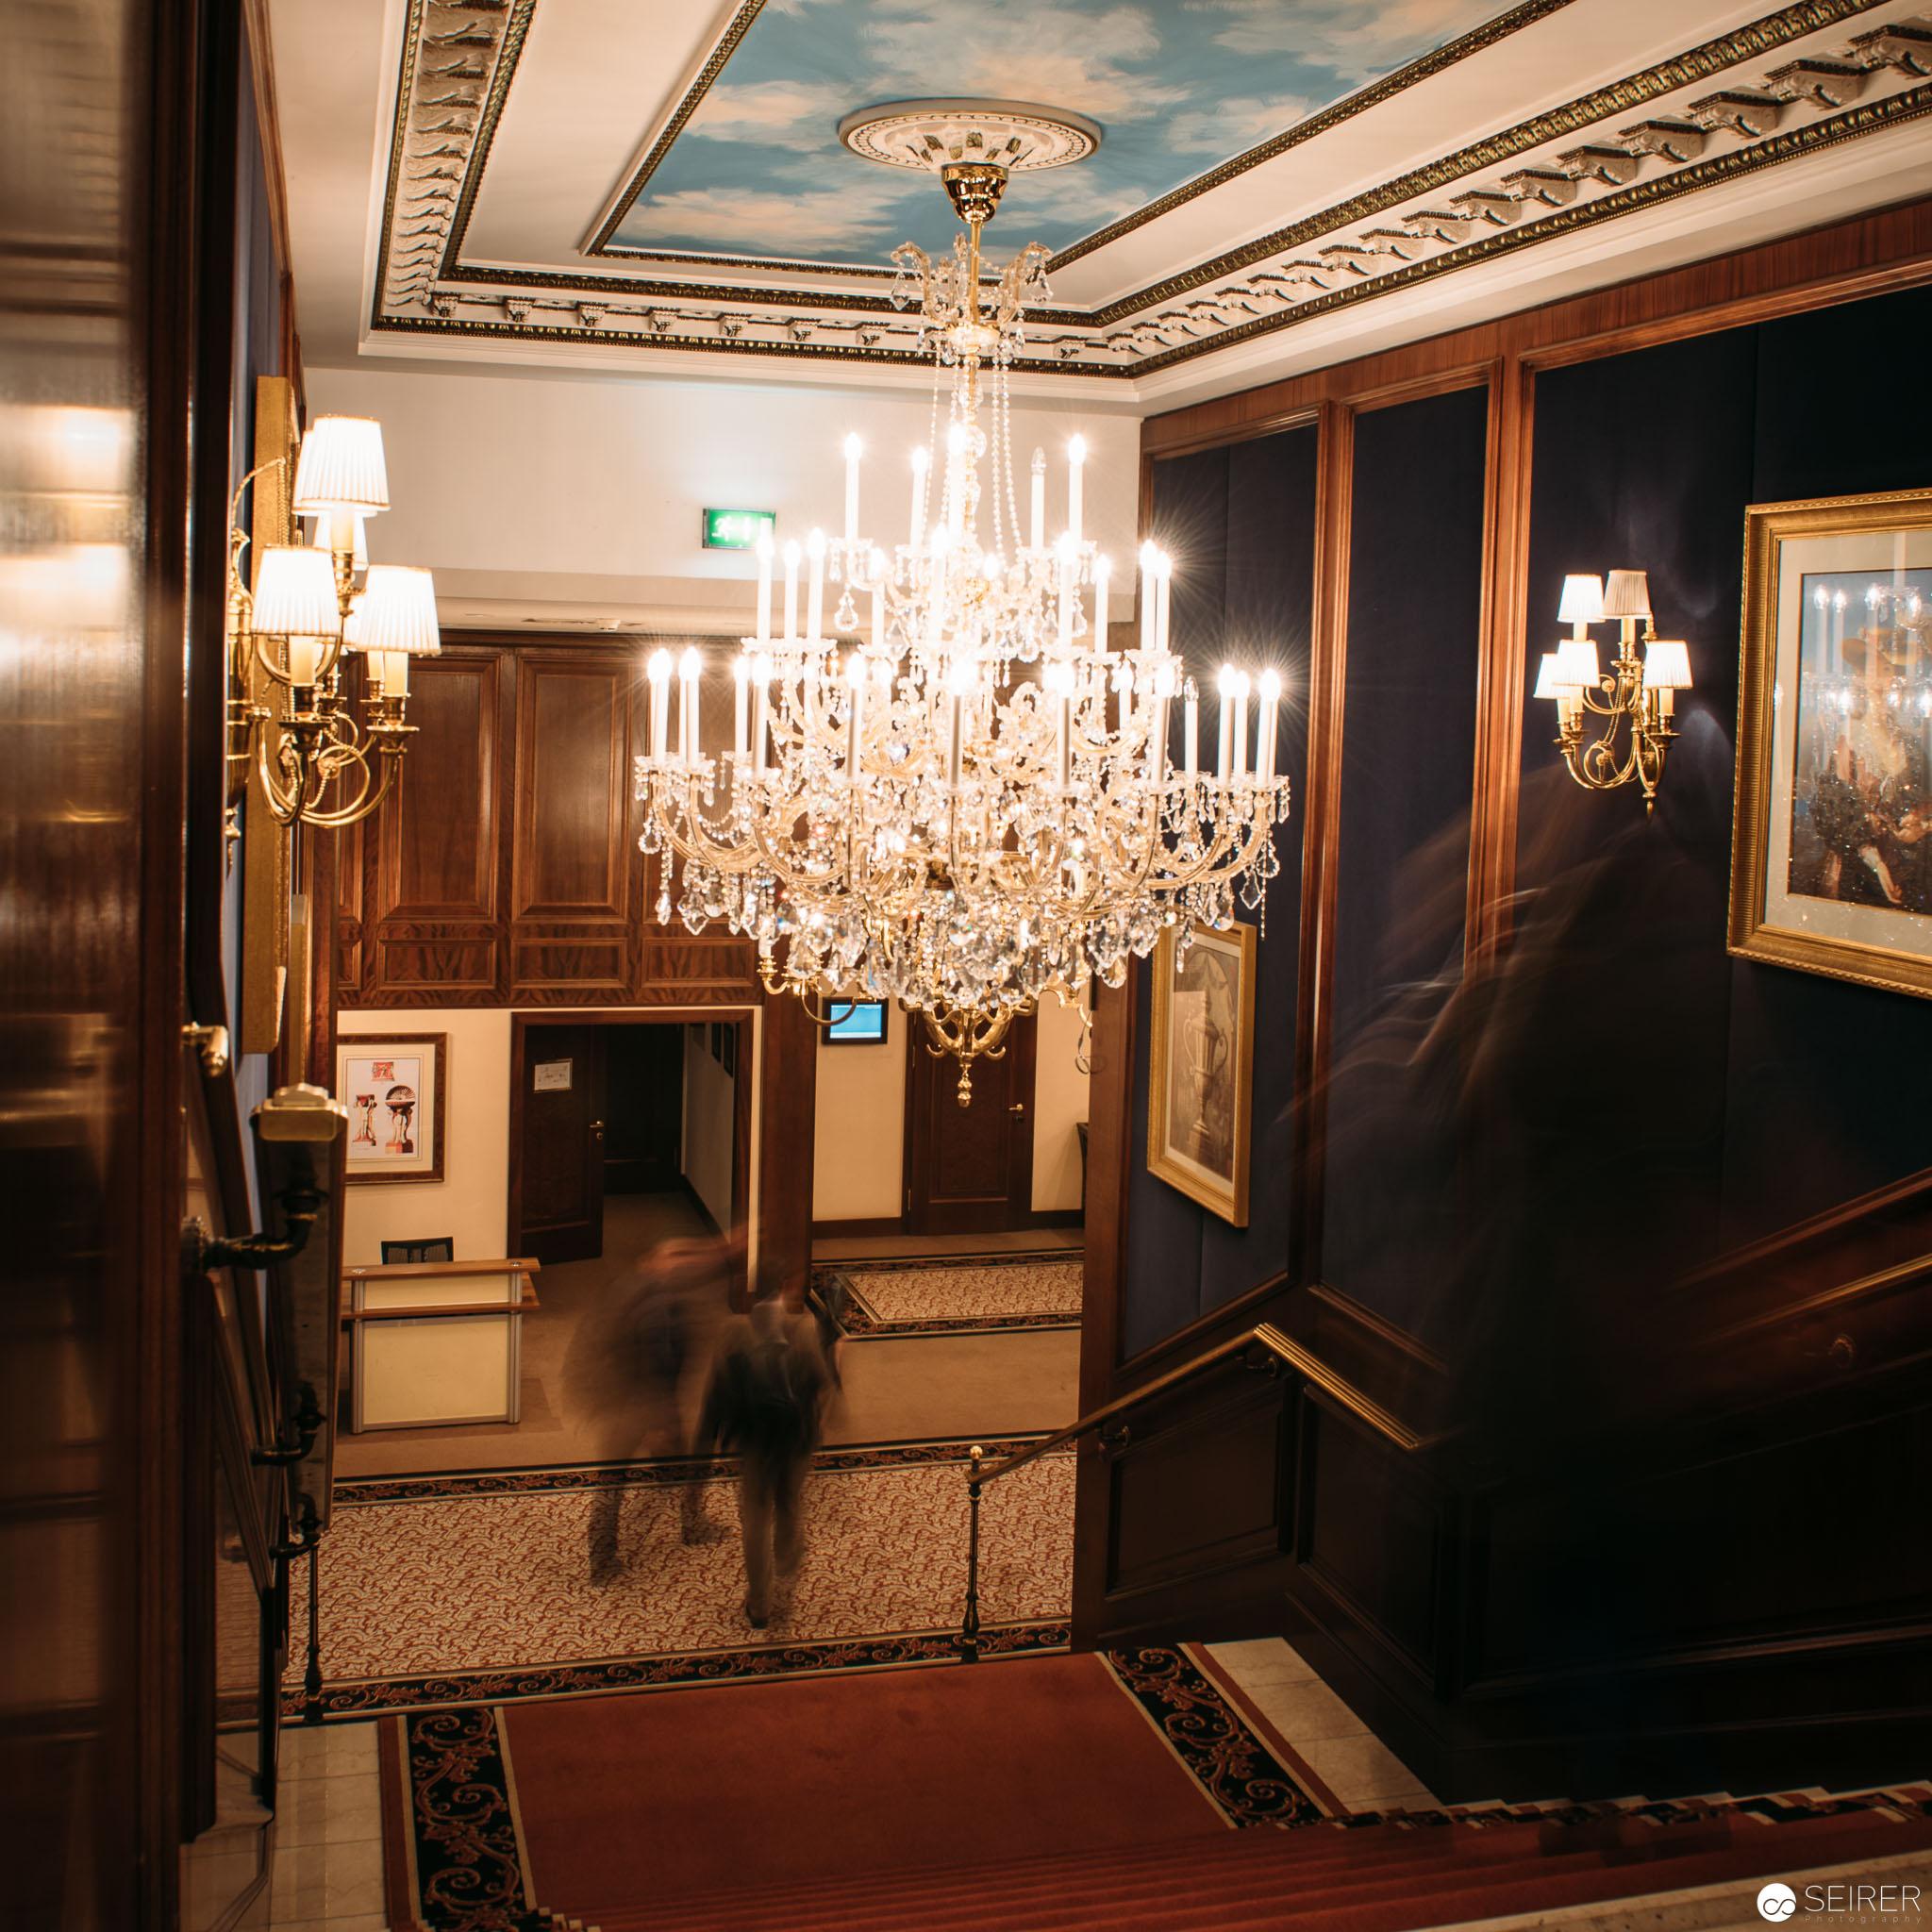 Prunkvolle Stiege von der Lobby im InterContinental Hotel Wien